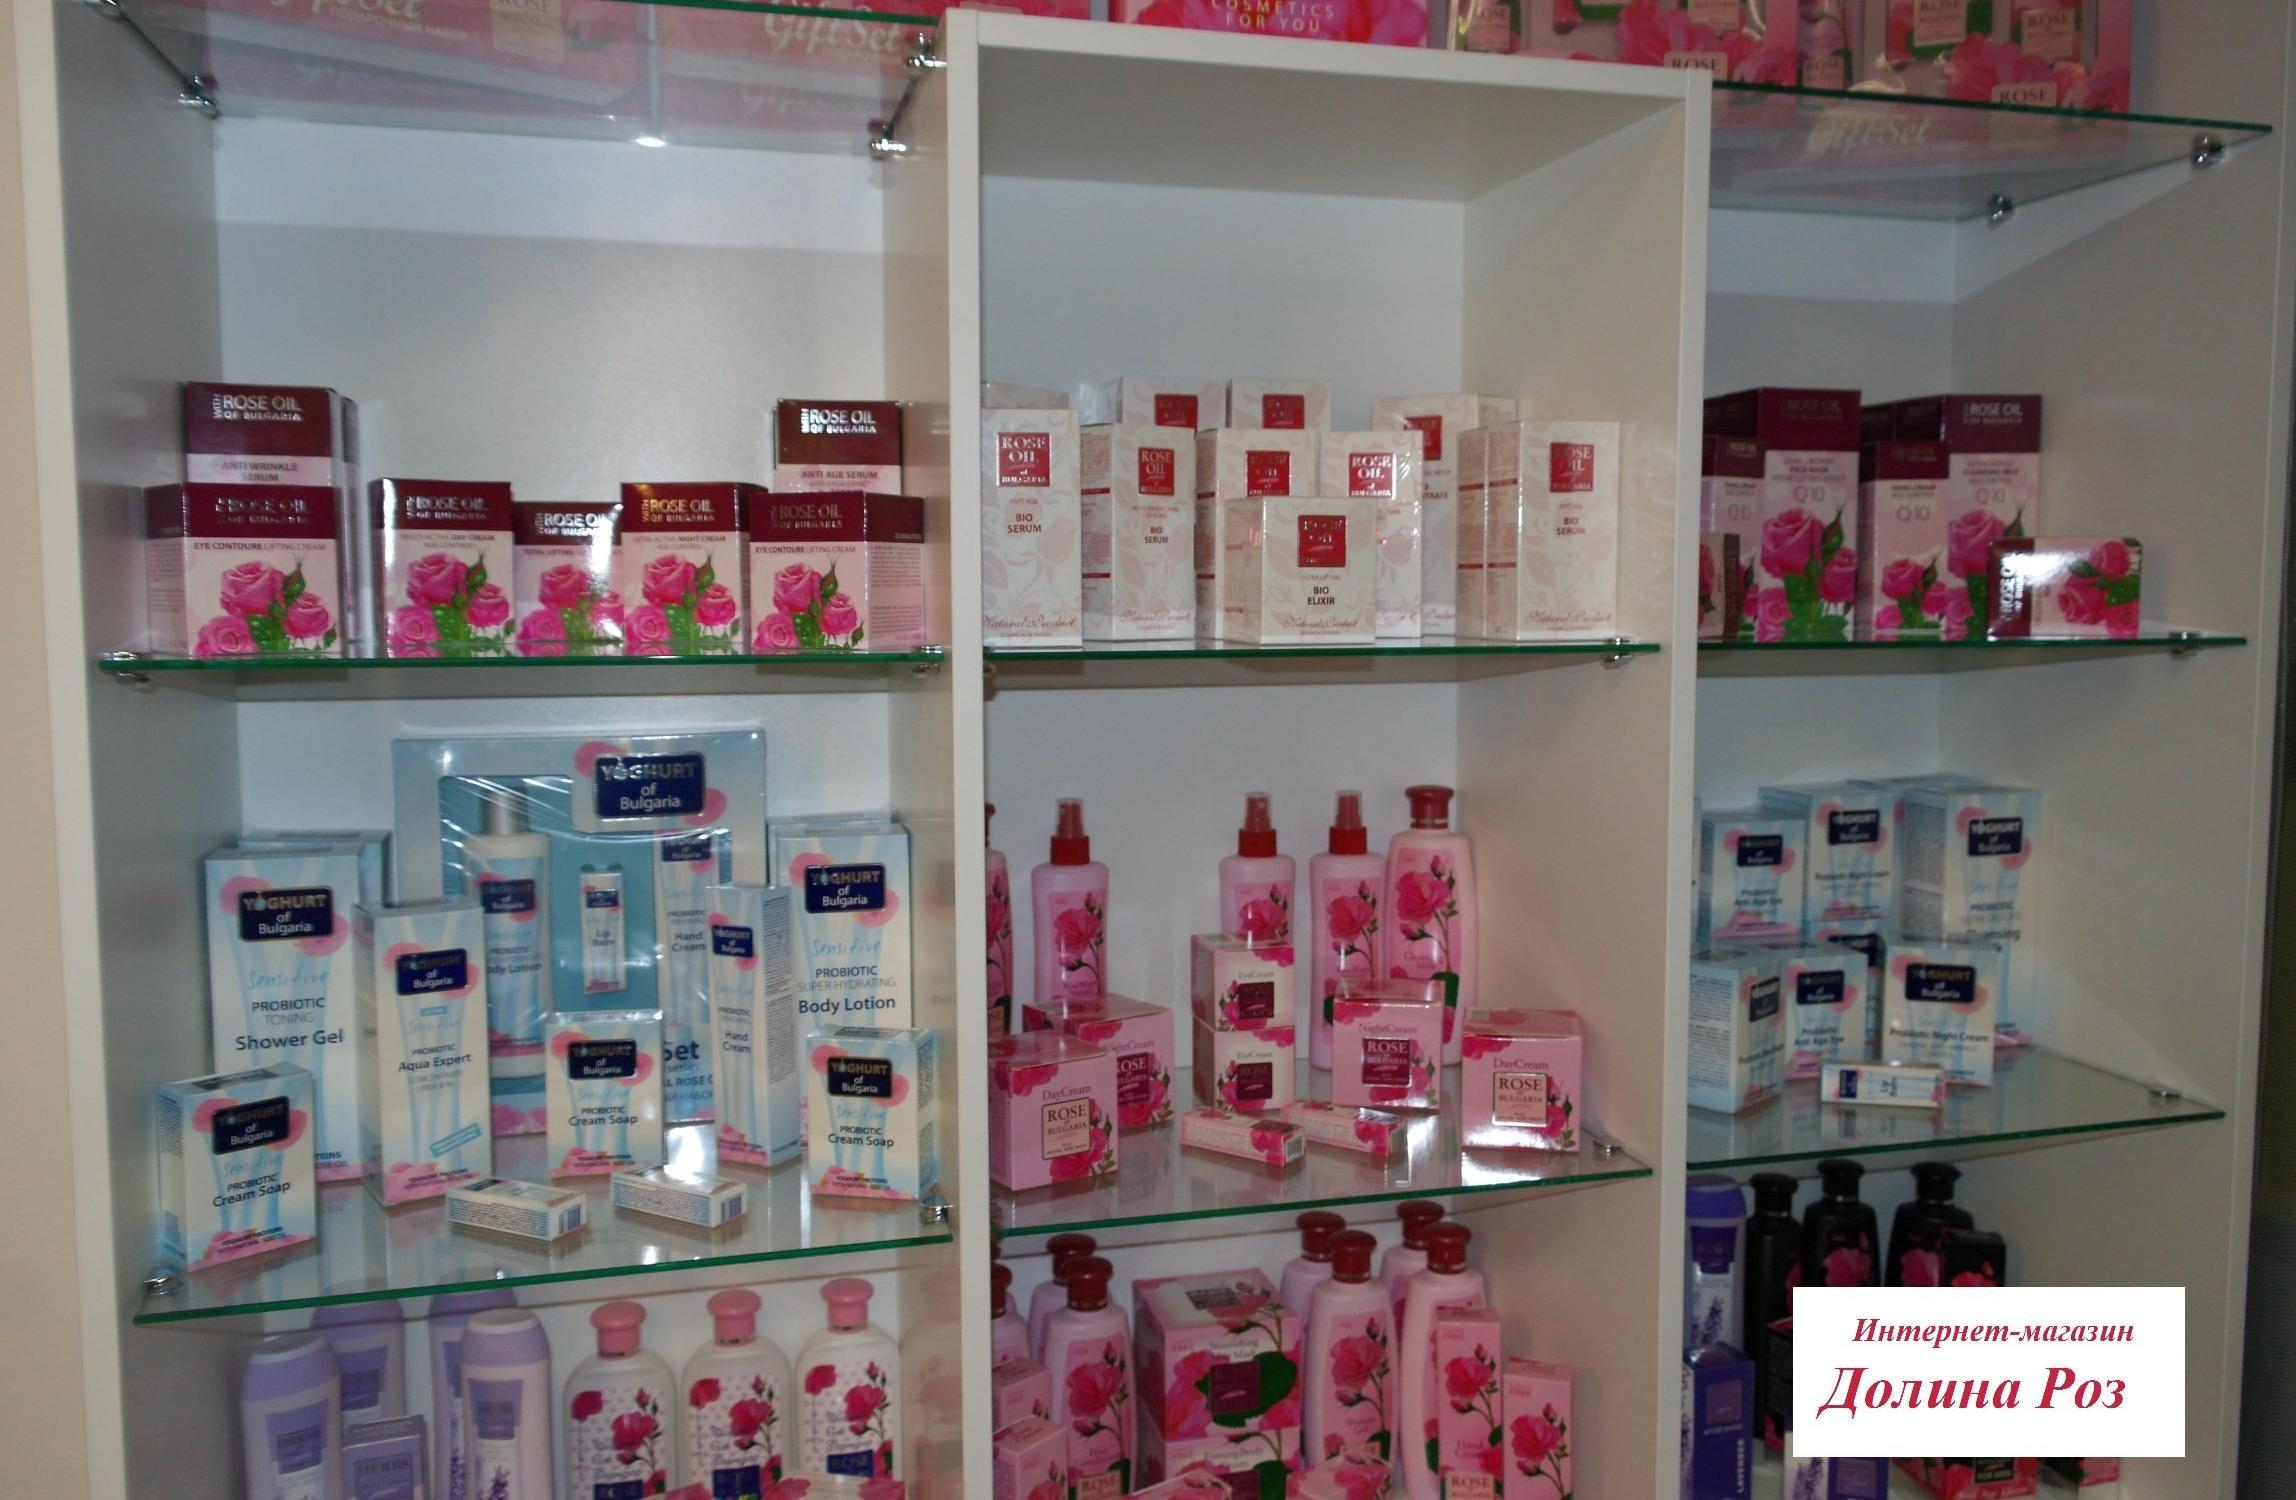 Где купить болгарскую косметику в москве каталог єйвон действующий